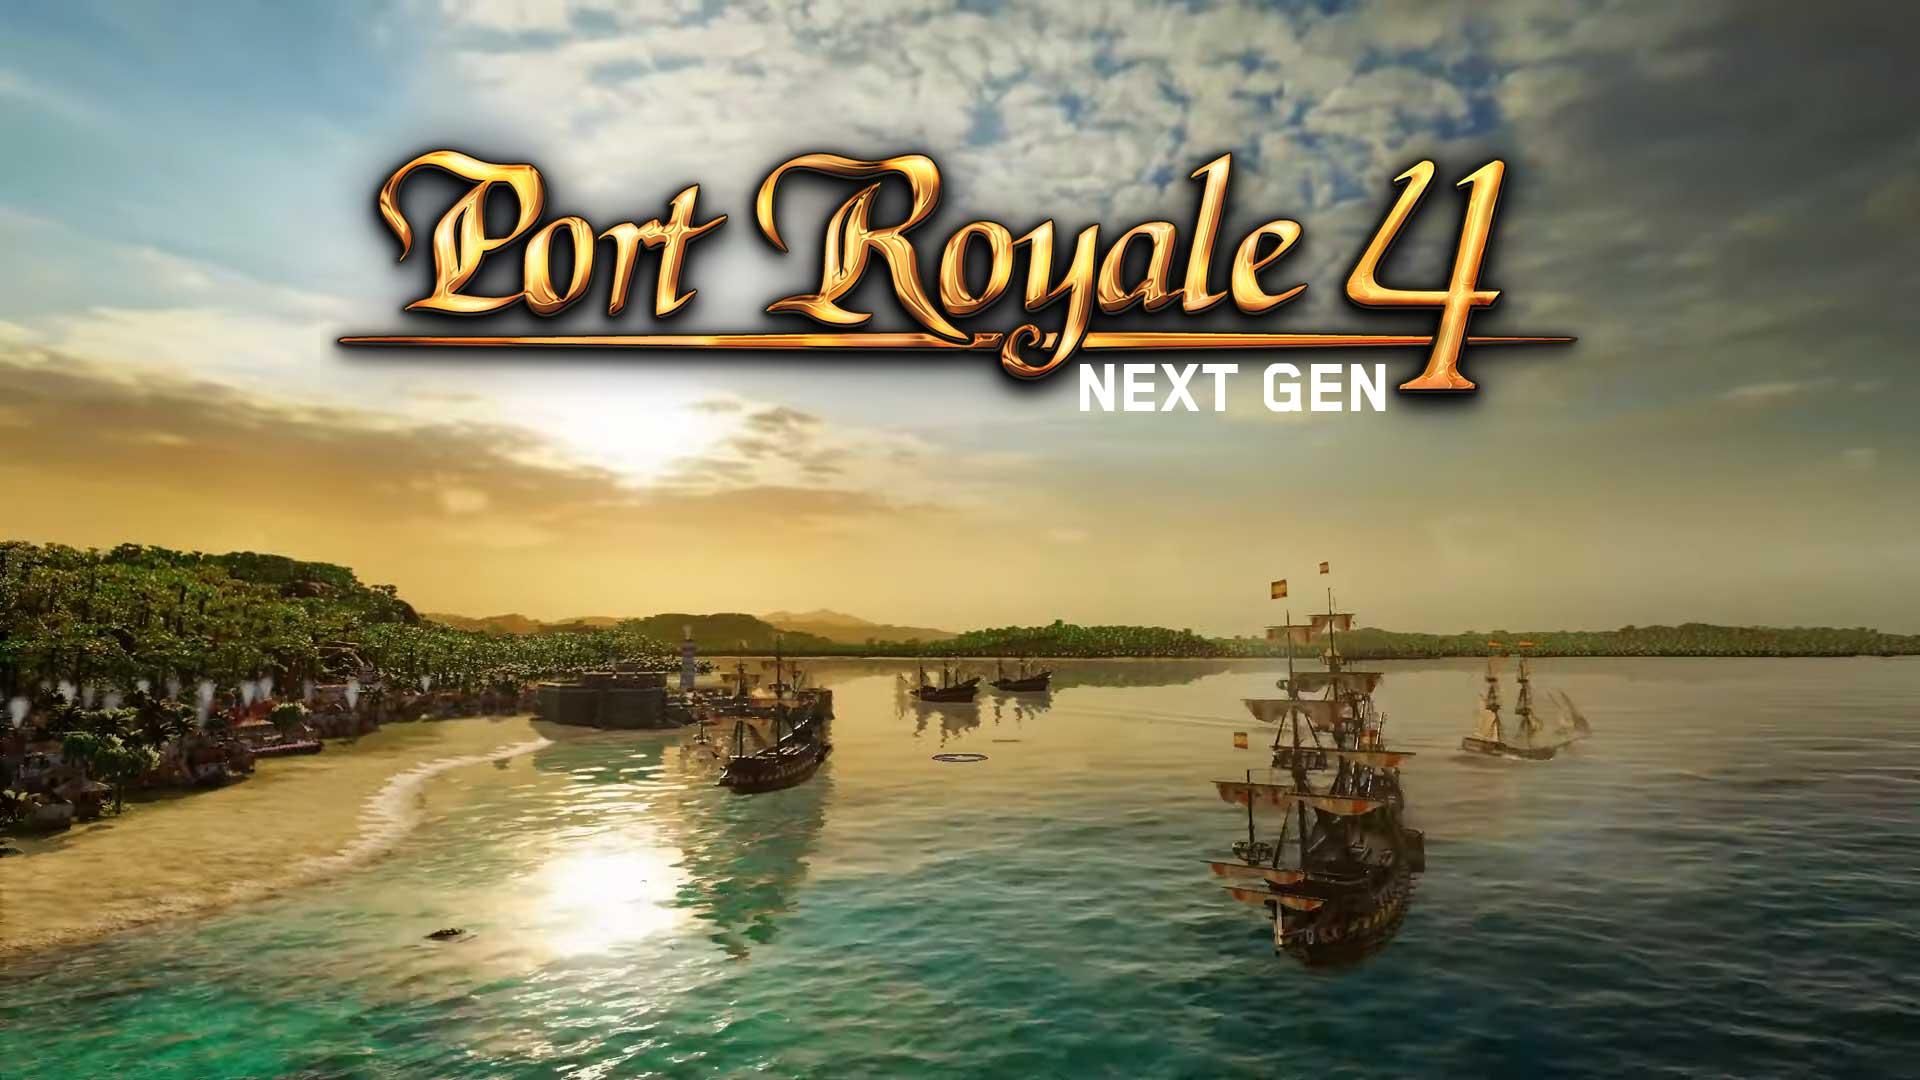 port royale 4 next gen